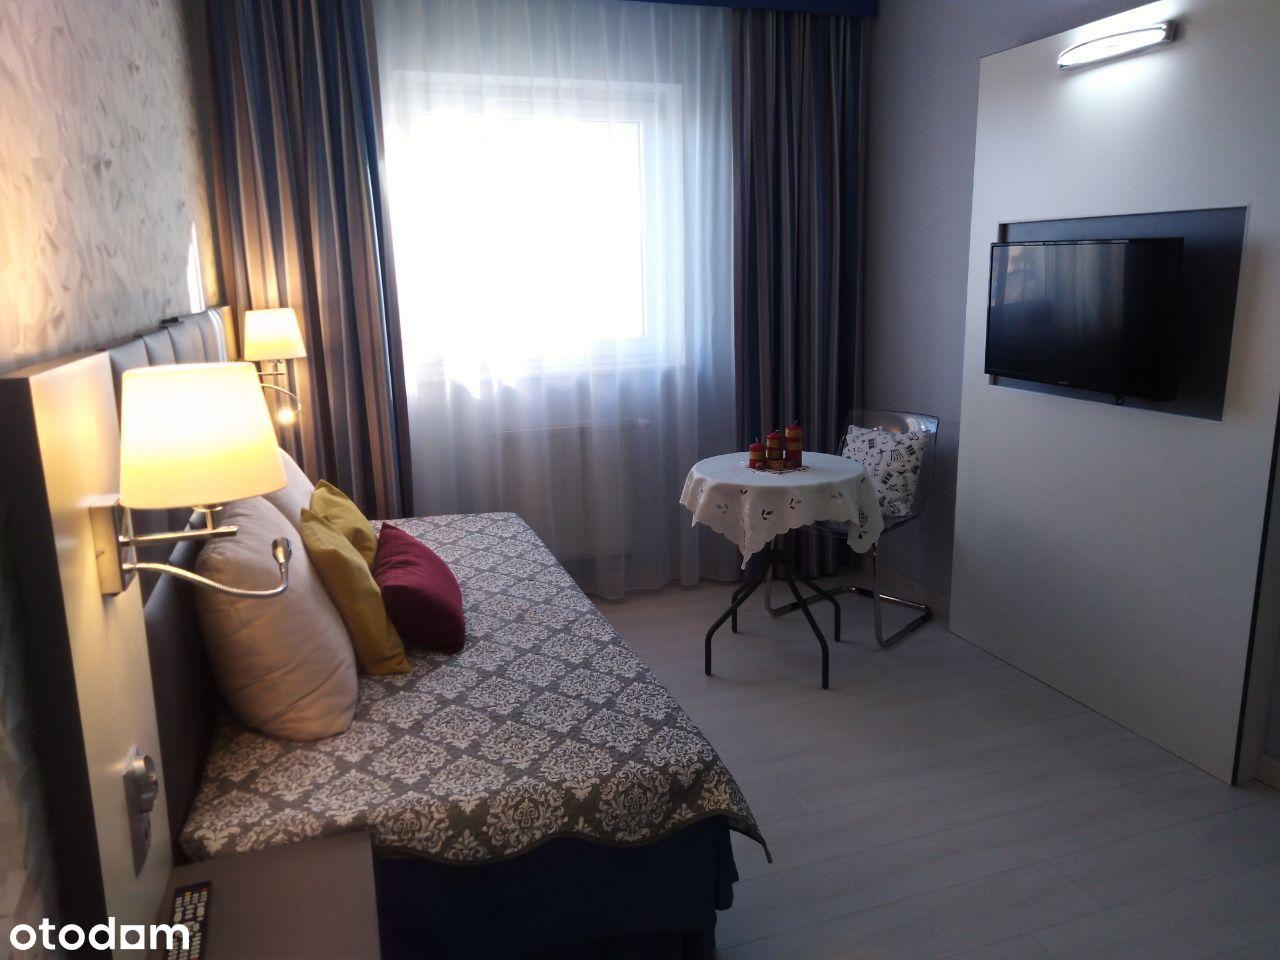 Mieszkanie / Apartament